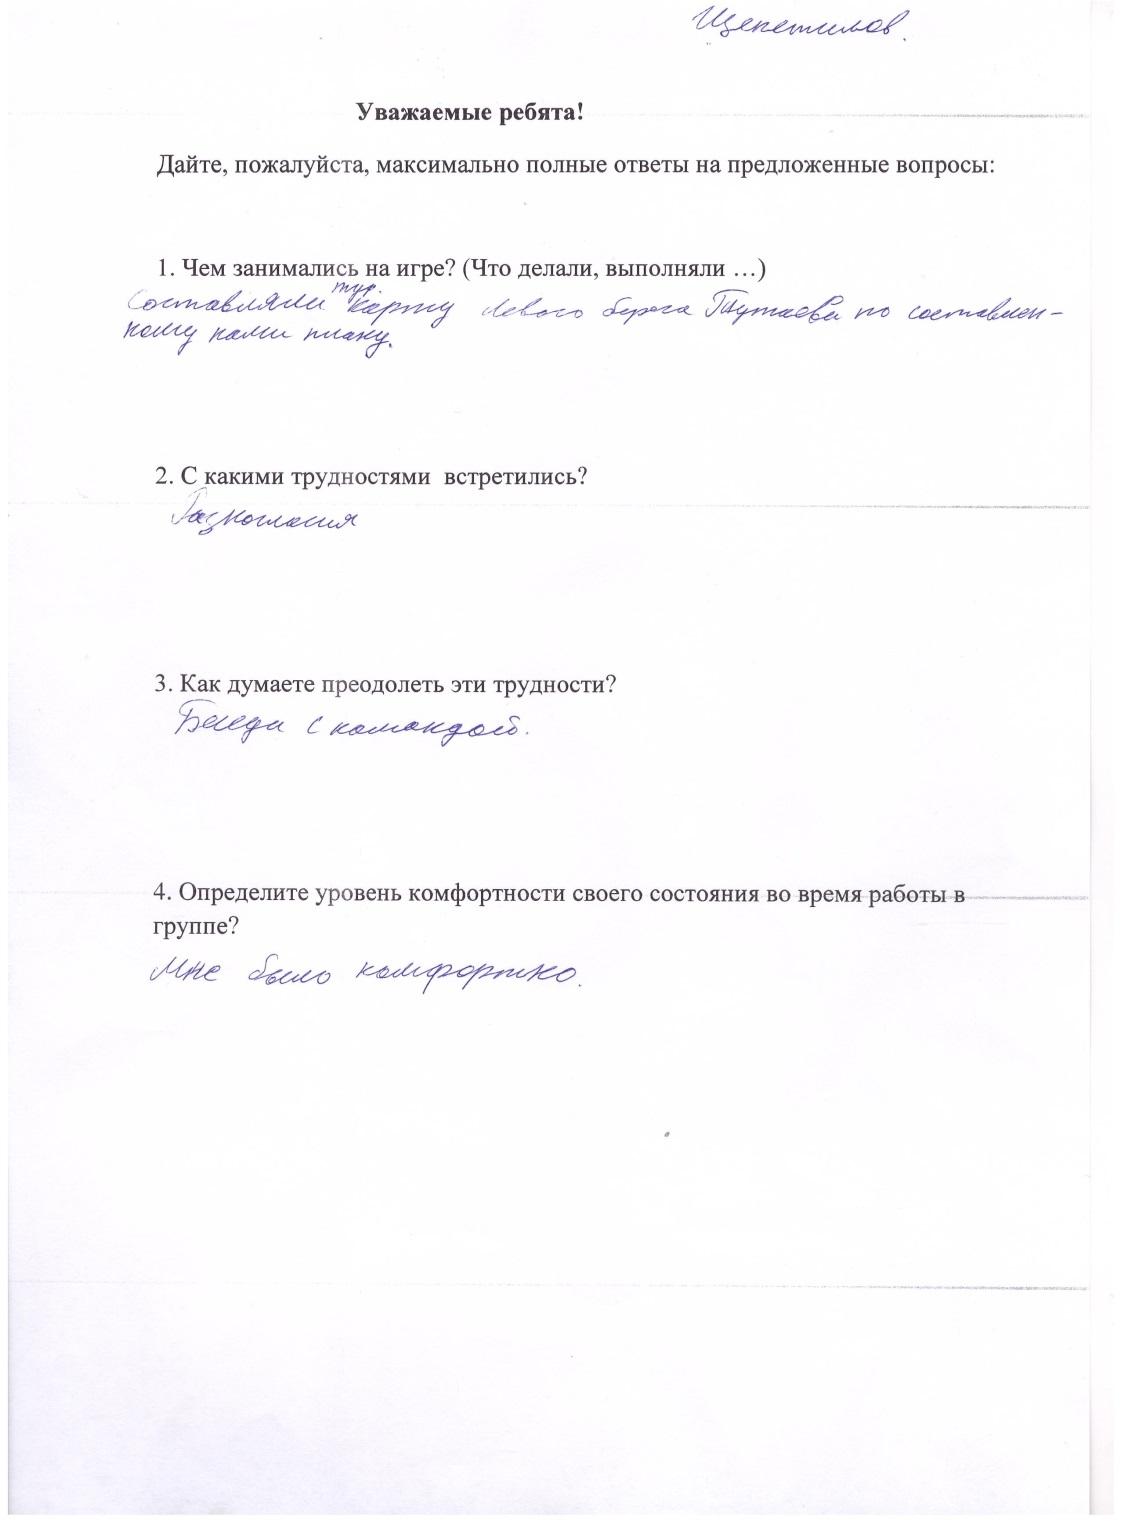 C:\Users\ученик\Documents\Scanned Documents\Рисунок (5).jpg